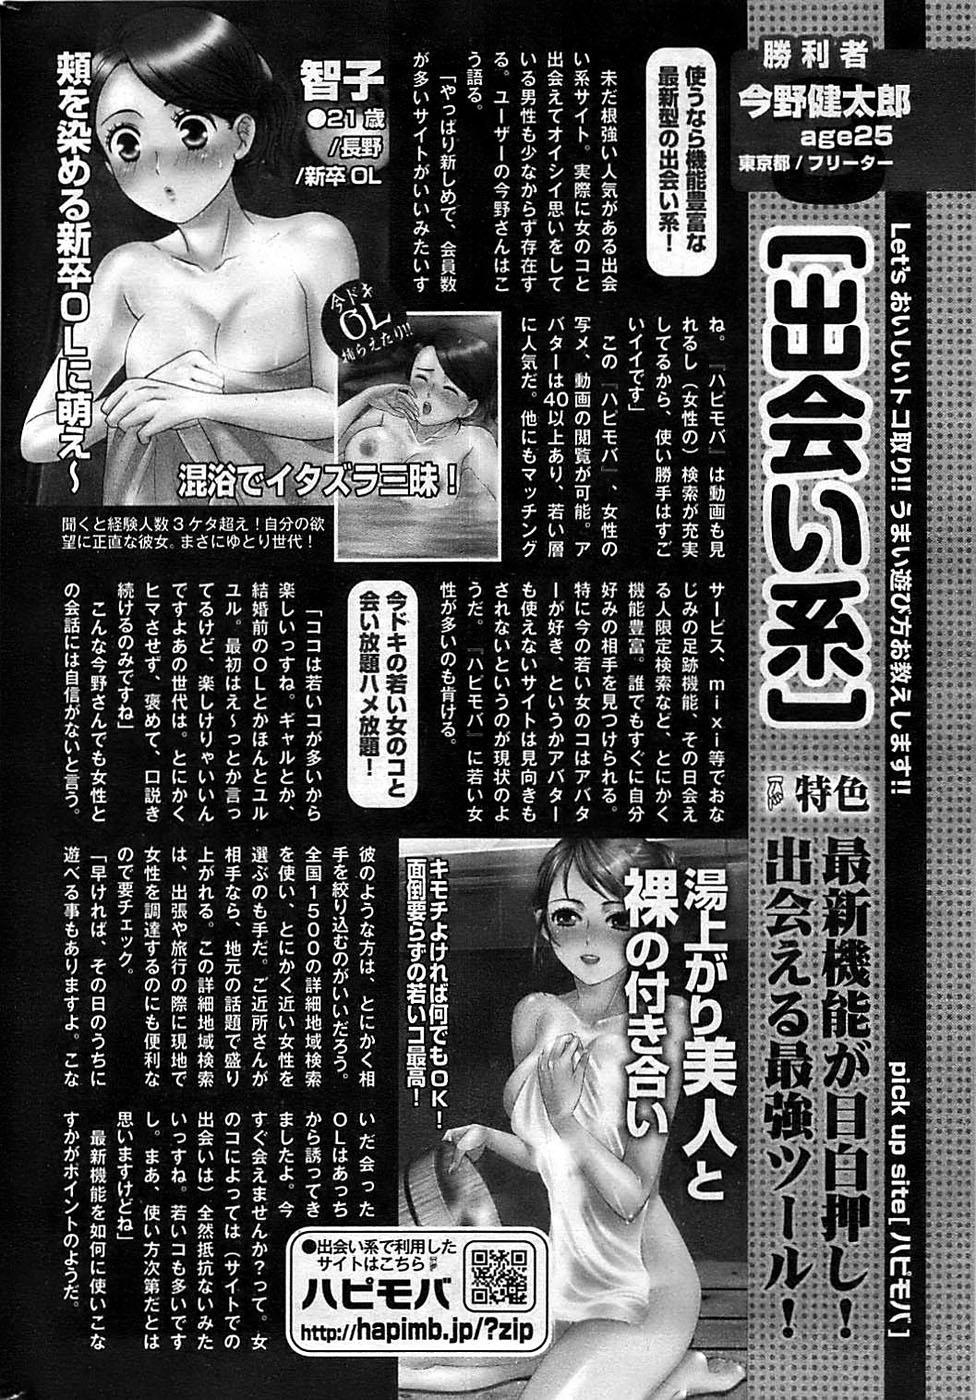 COMIC Shitsurakuten 2009-04 287